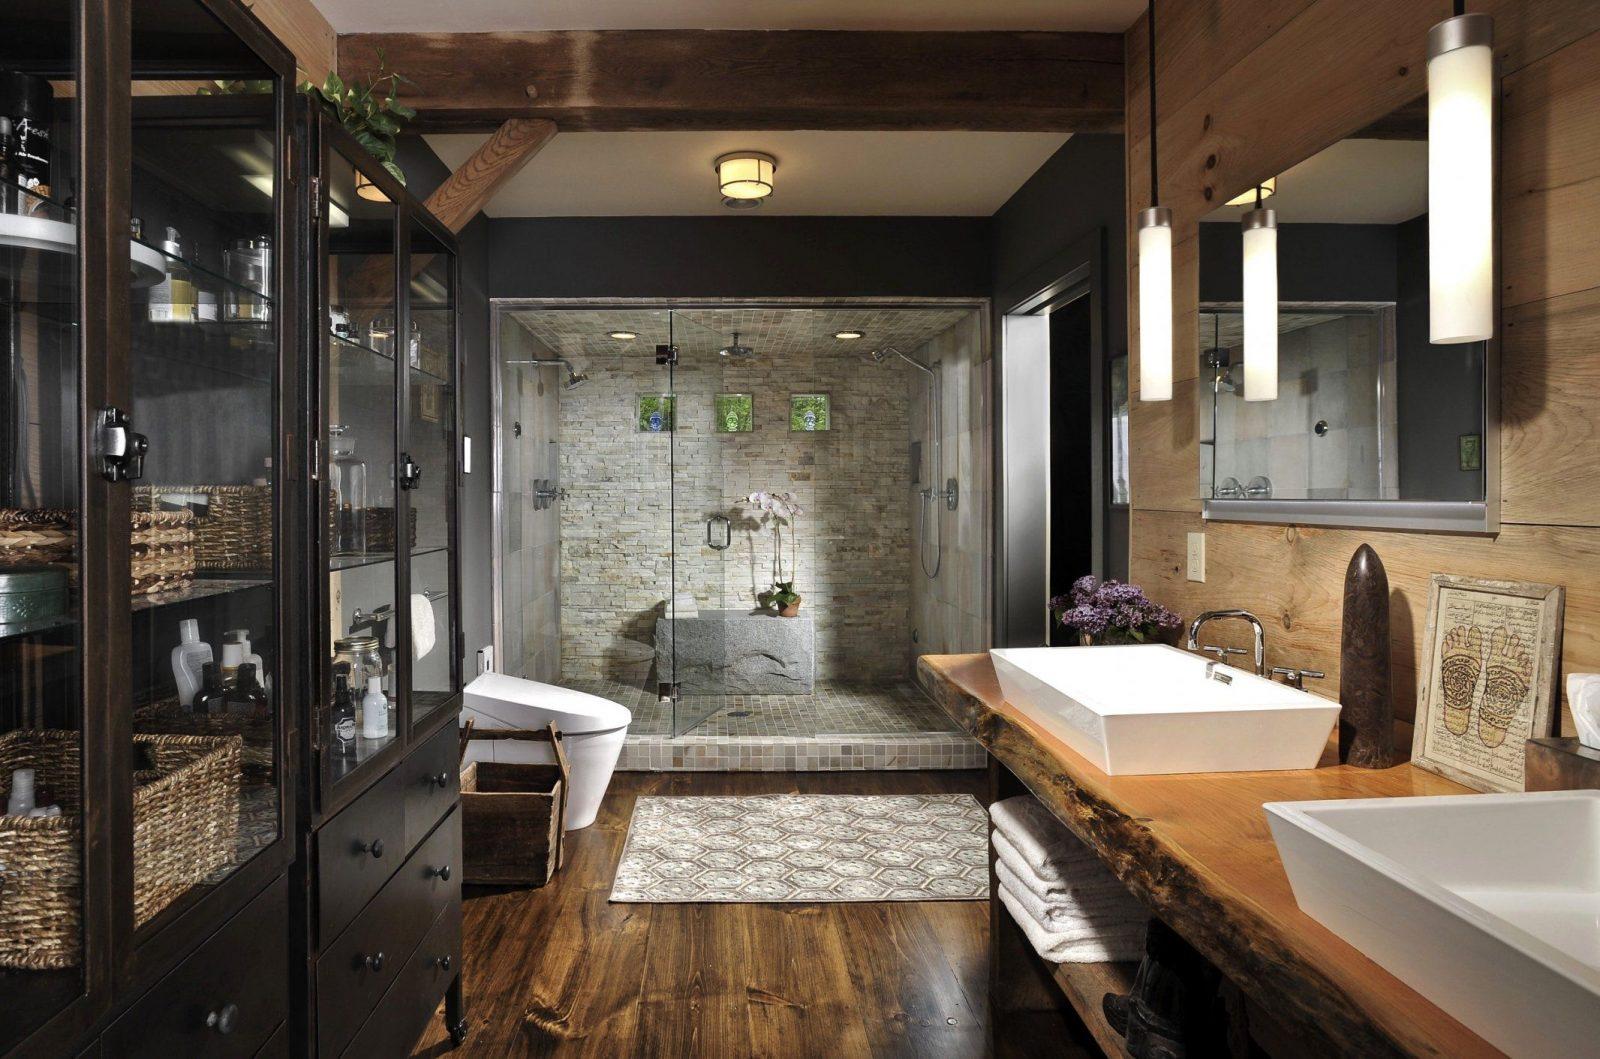 Schöne Badezimmer Holz Waschtisch 43 Badezimmer Ideen Holz von Badezimmer Ideen Mit Holz Bild